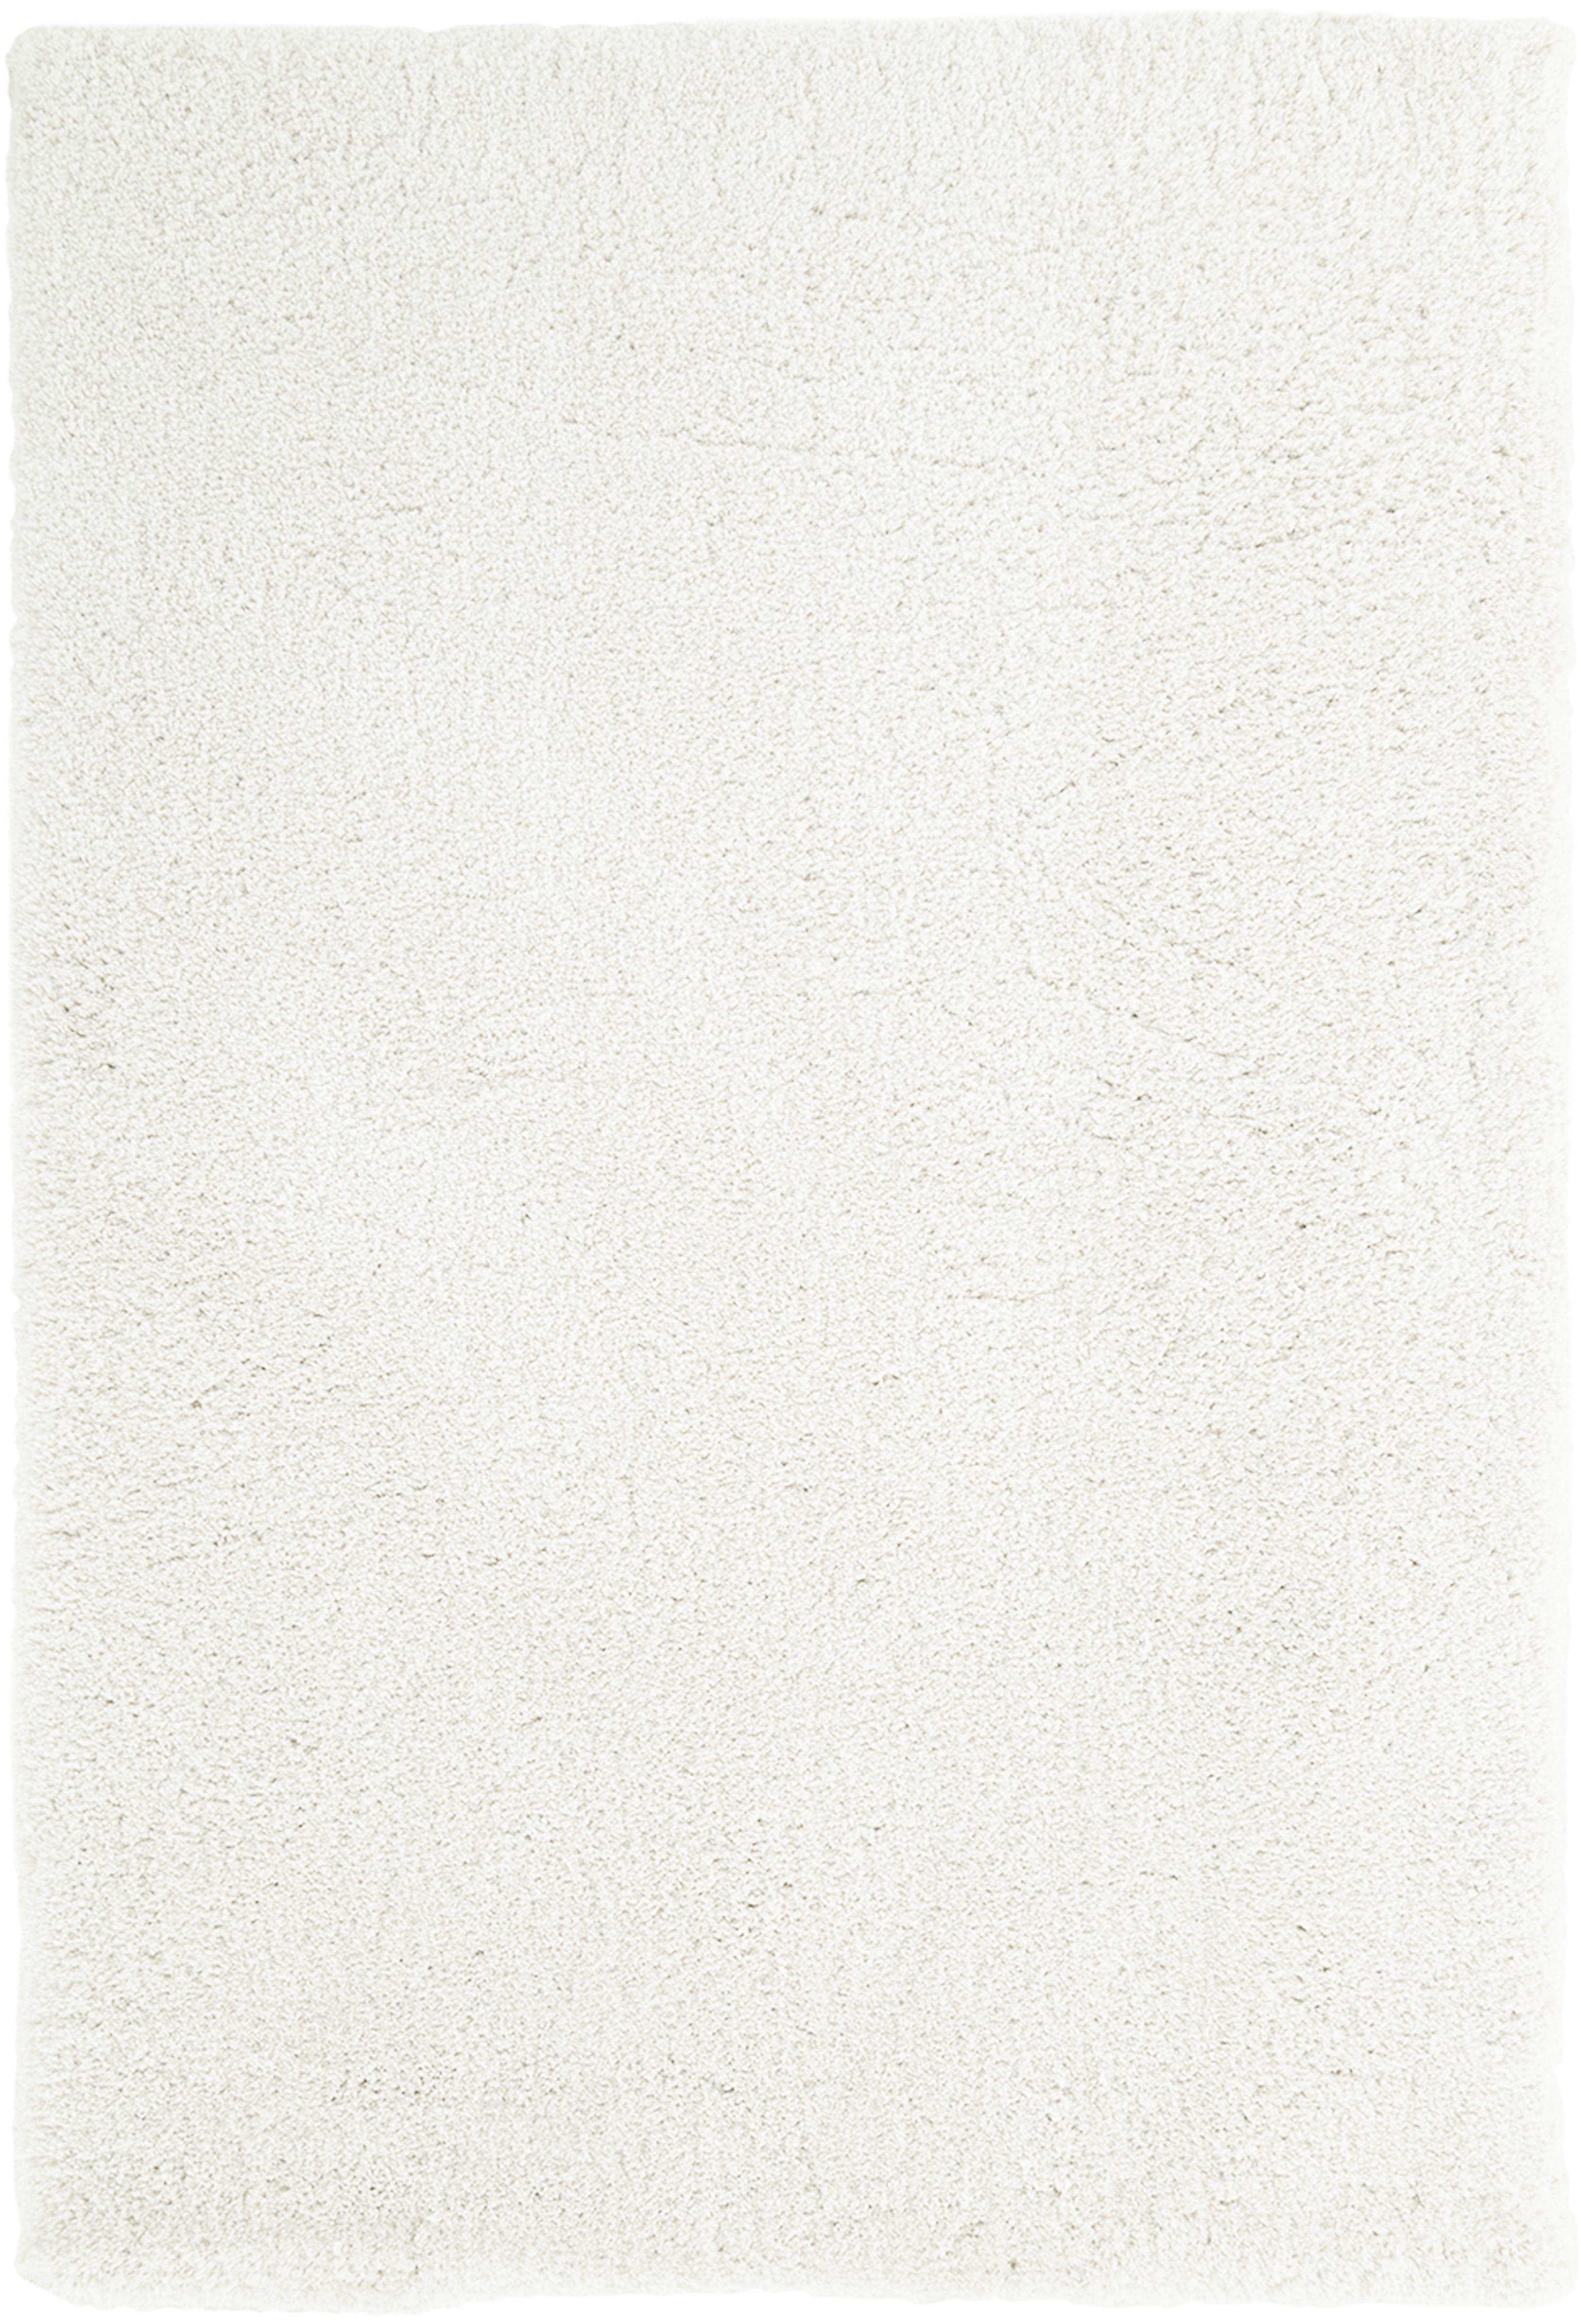 Tappeto peloso morbido color crema Leighton, Retro: 70% poliestere, 30% coton, Crema, Larg. 120 x Lung. 180 cm (taglia S)